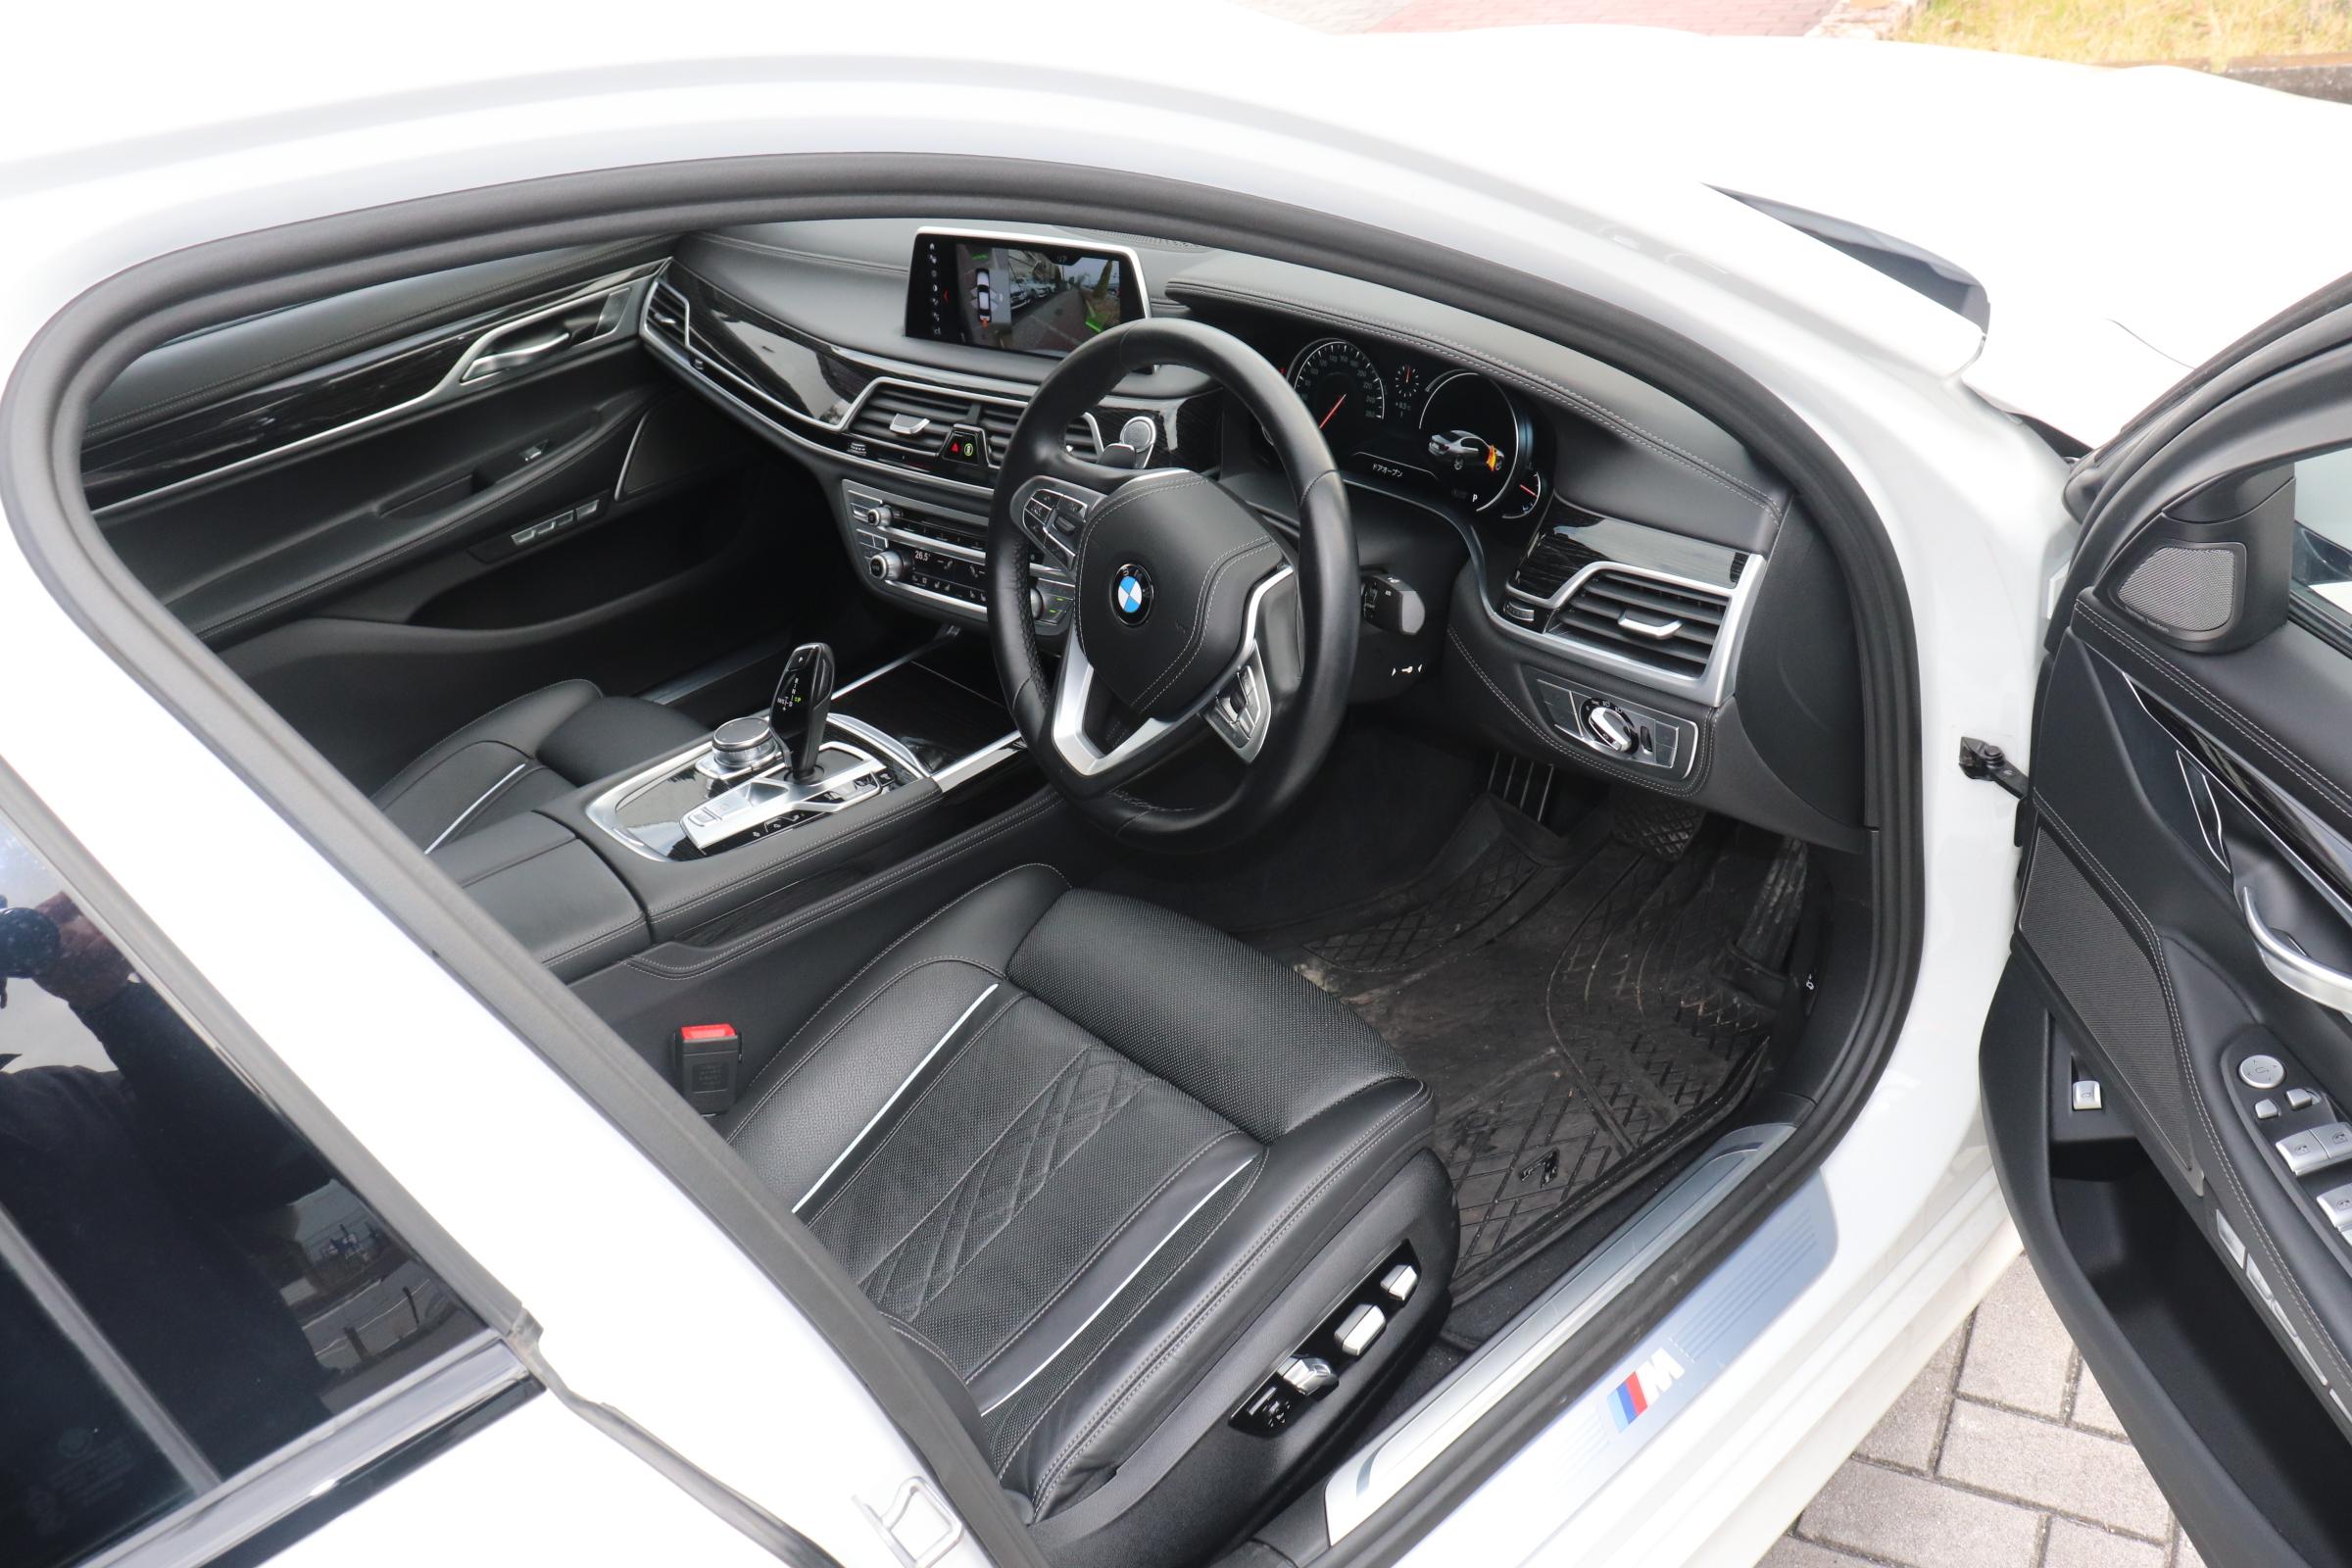 750i Mスポーツ サンルーフ レーザーライト HUD リモートP メーカー保証車両画像10